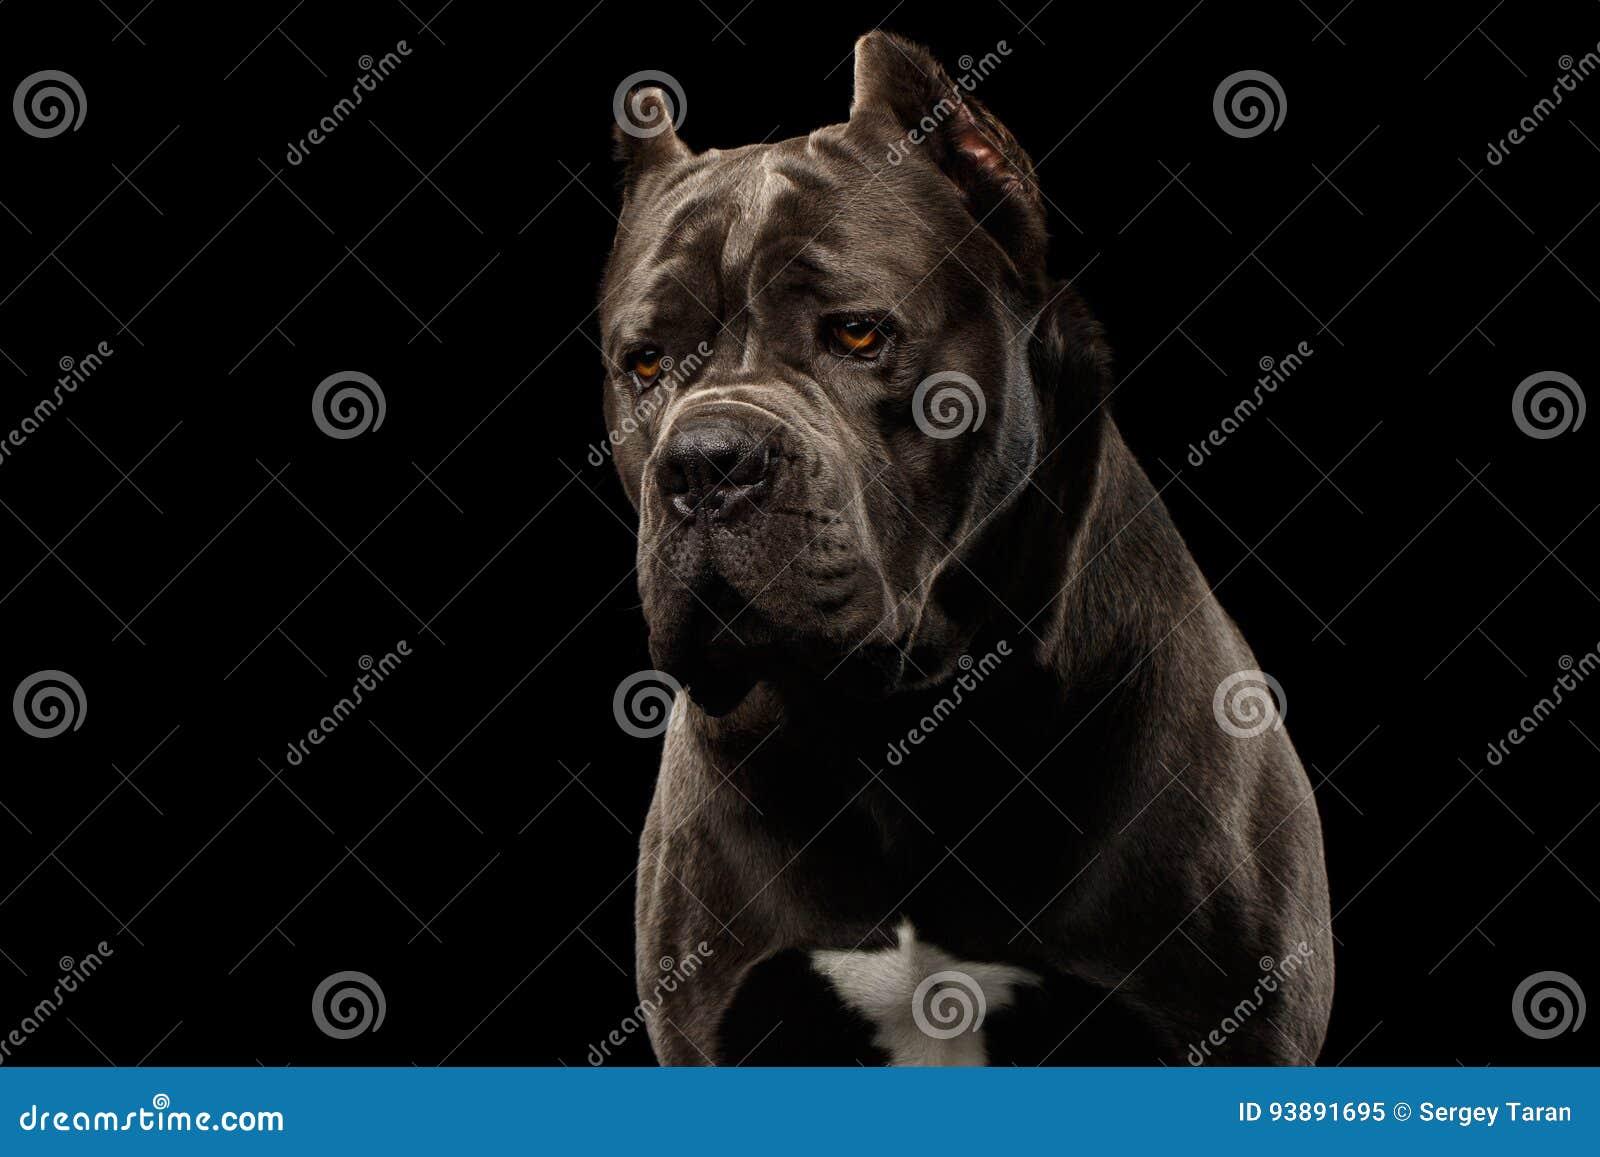 Portrait Cane Corso Dog On Black Stock Image Image Of Italian